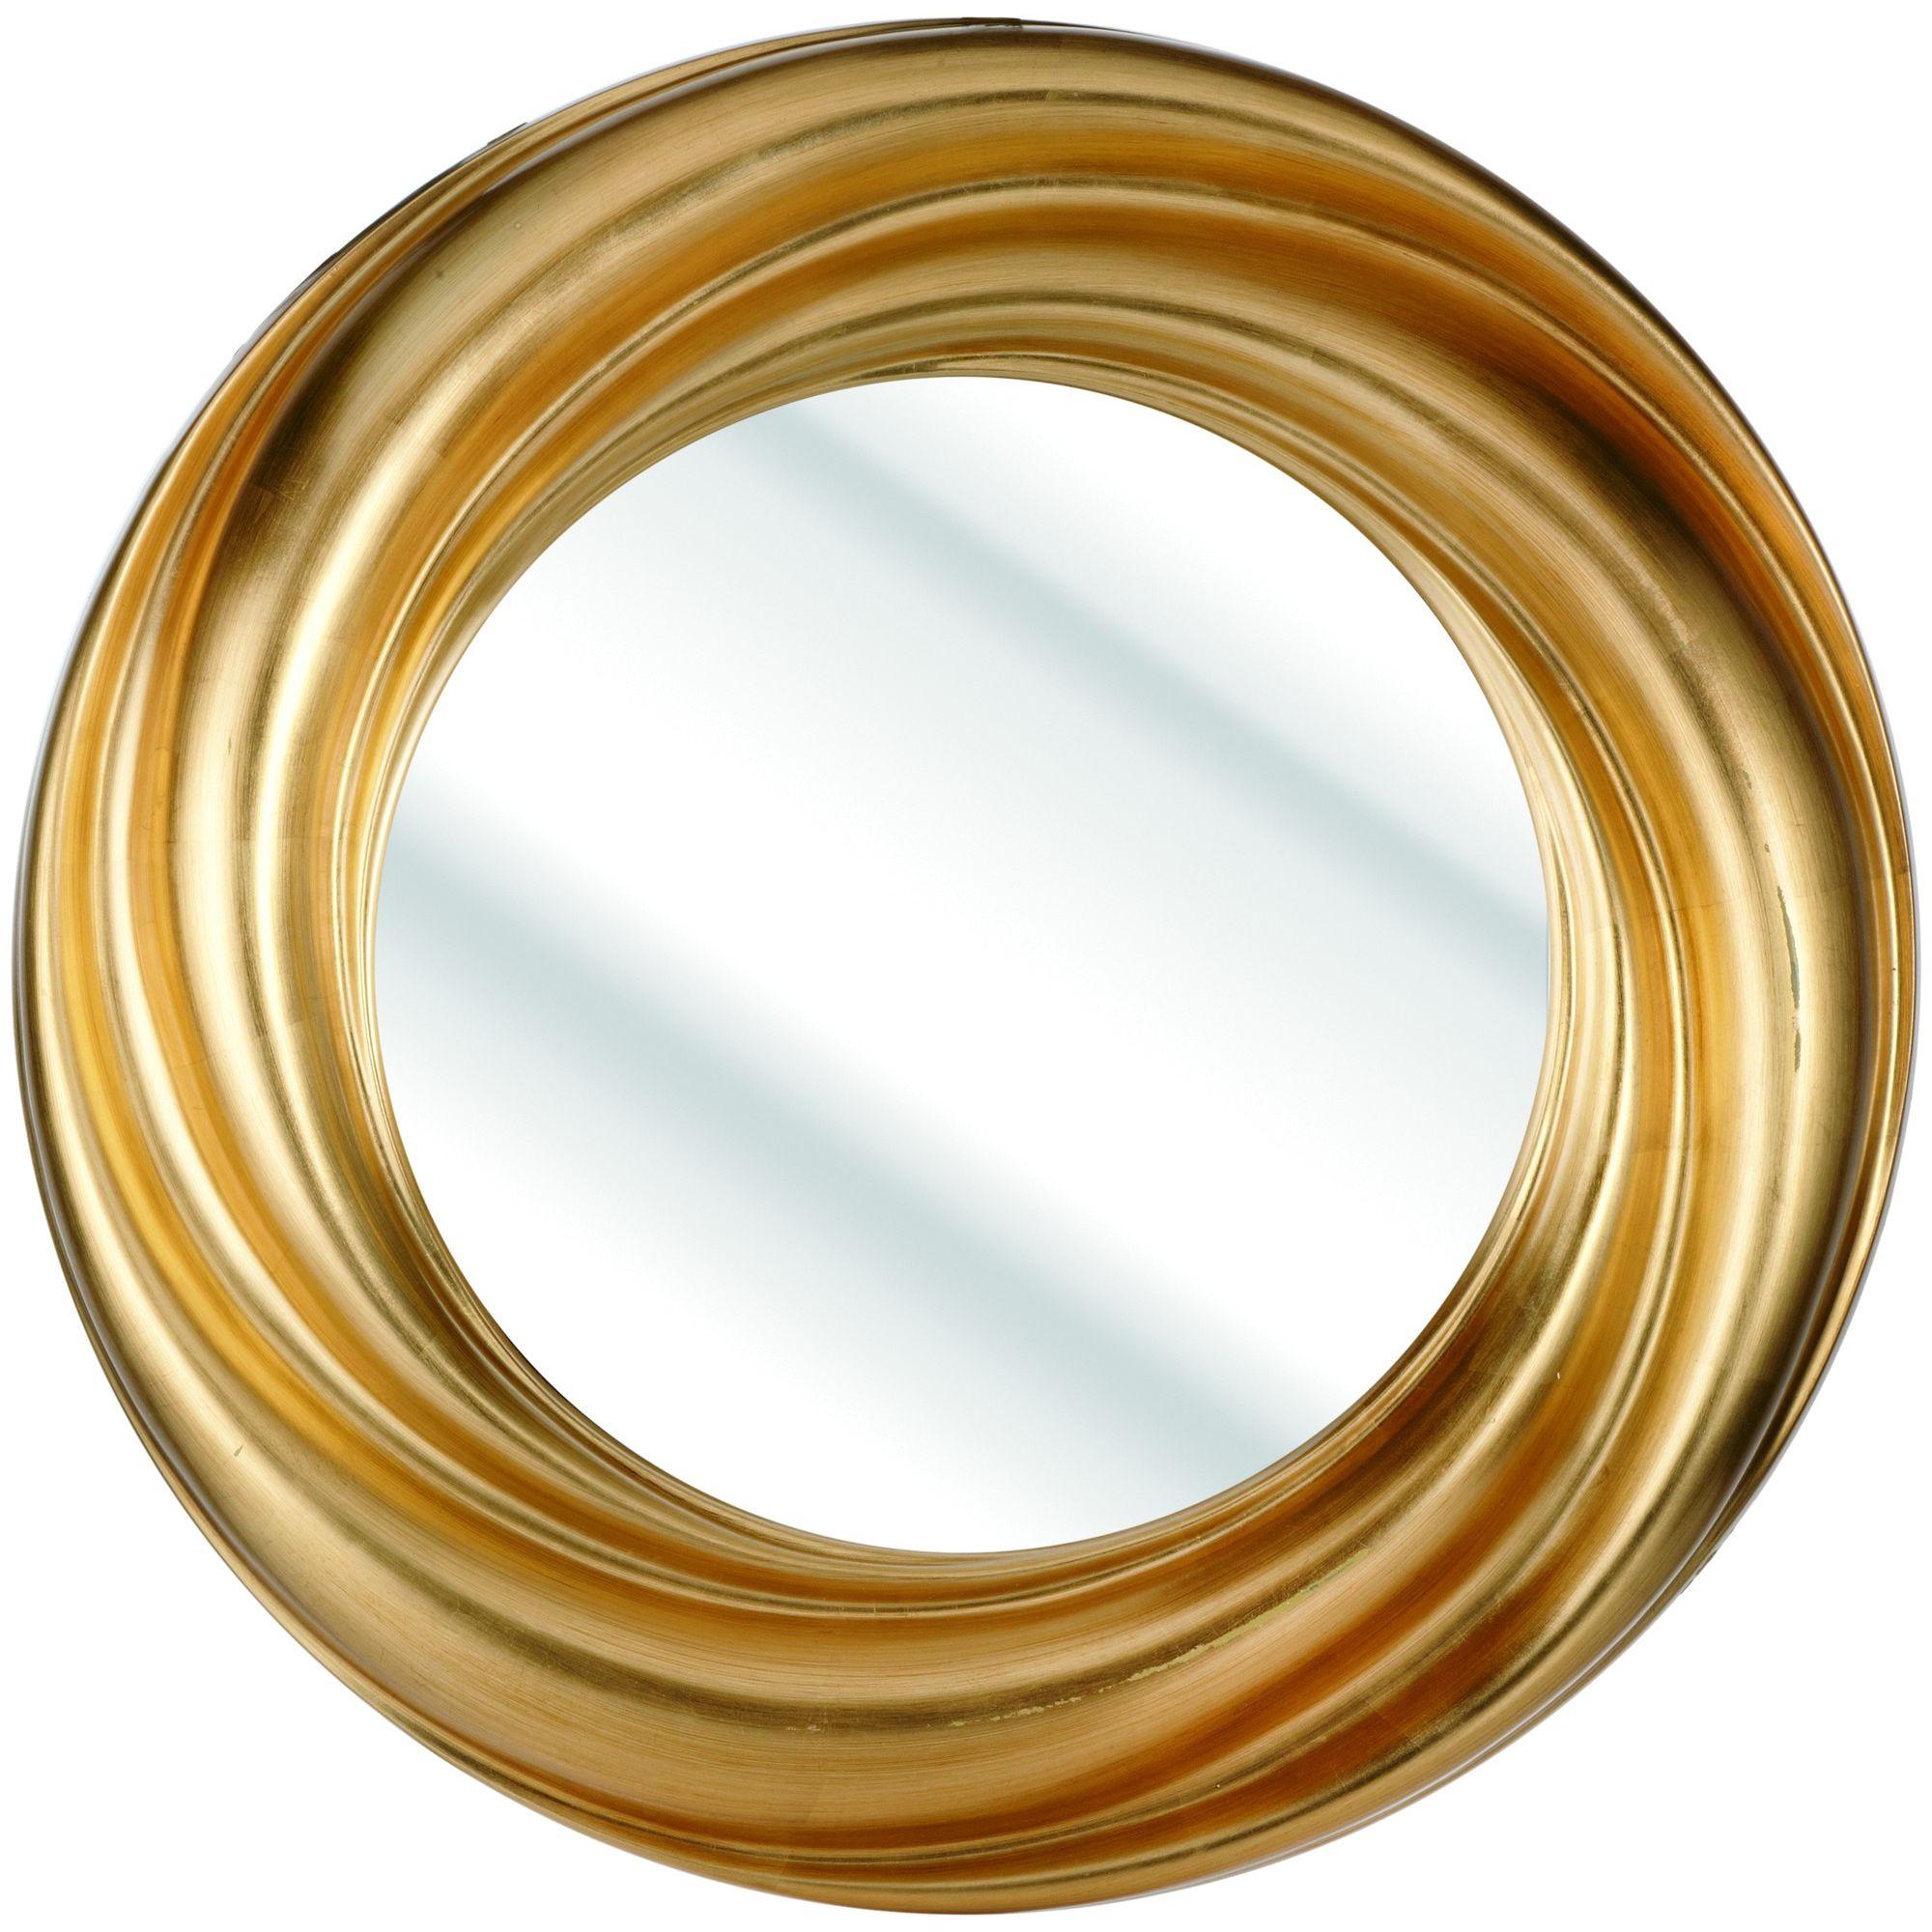 d j simons aston mirror gold 104cm h x 74cm w